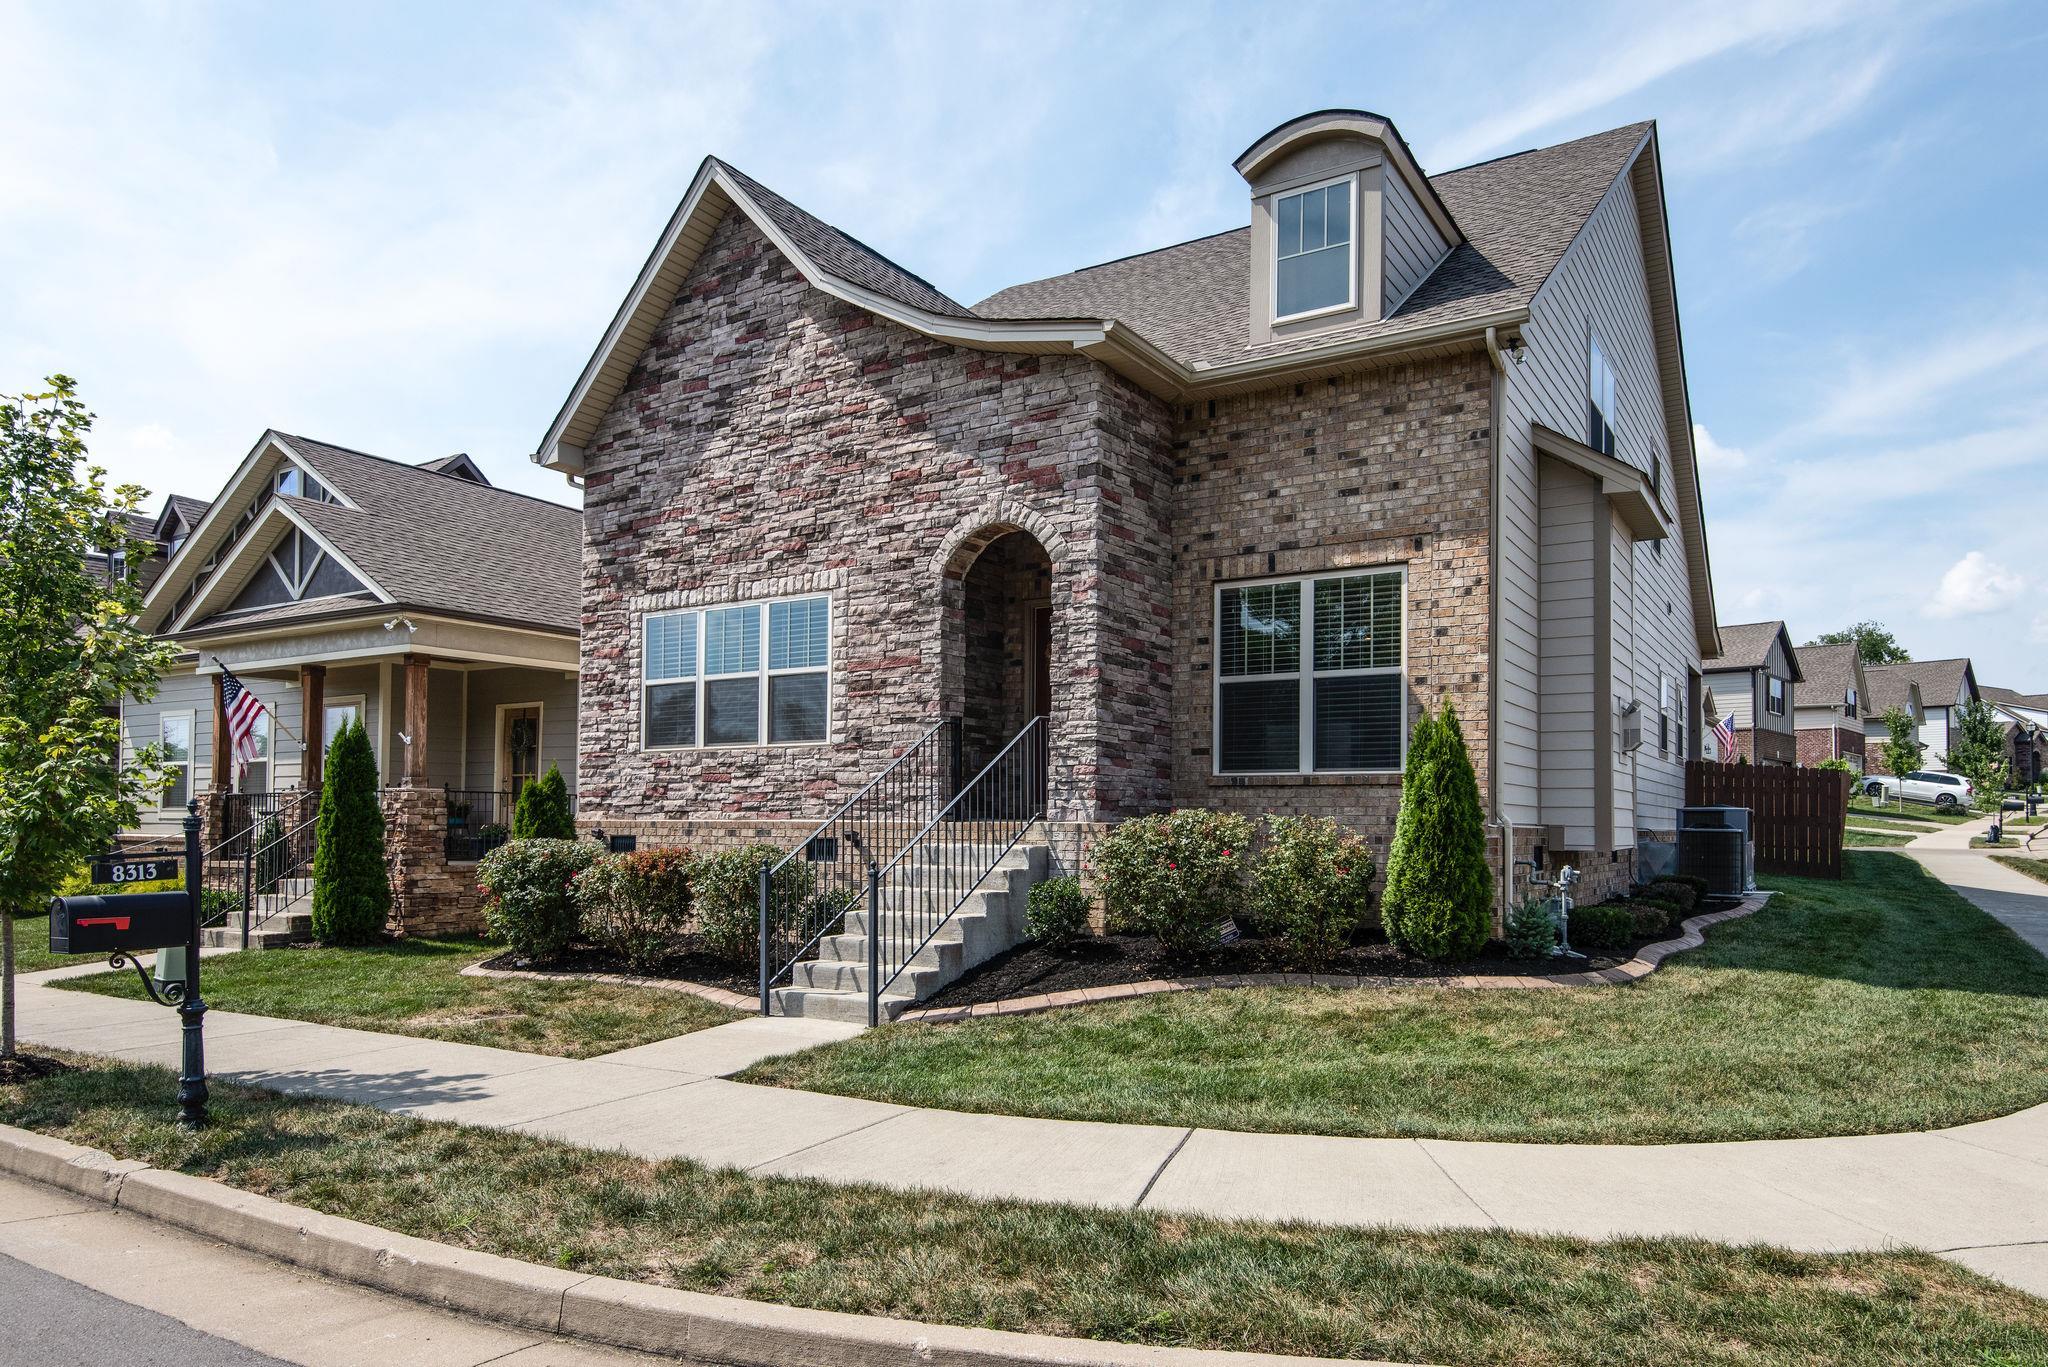 8313 Middlewick Ln, Nolensville, TN 37135 - Nolensville, TN real estate listing